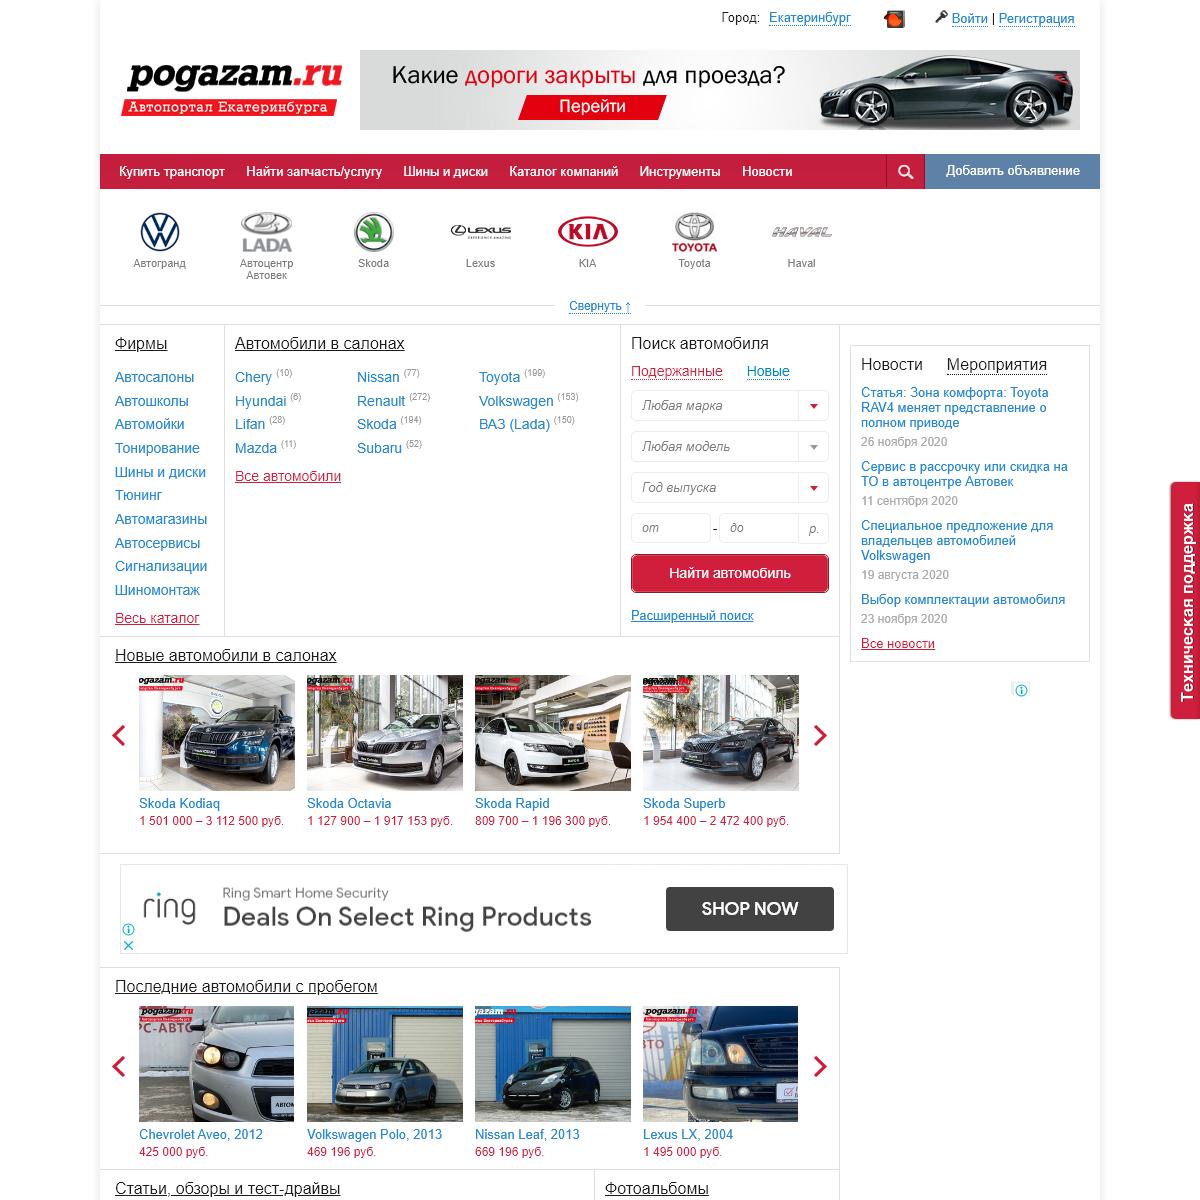 Pogazam.ru автомобильный портал Екатеринбурга - Портал продажи авто